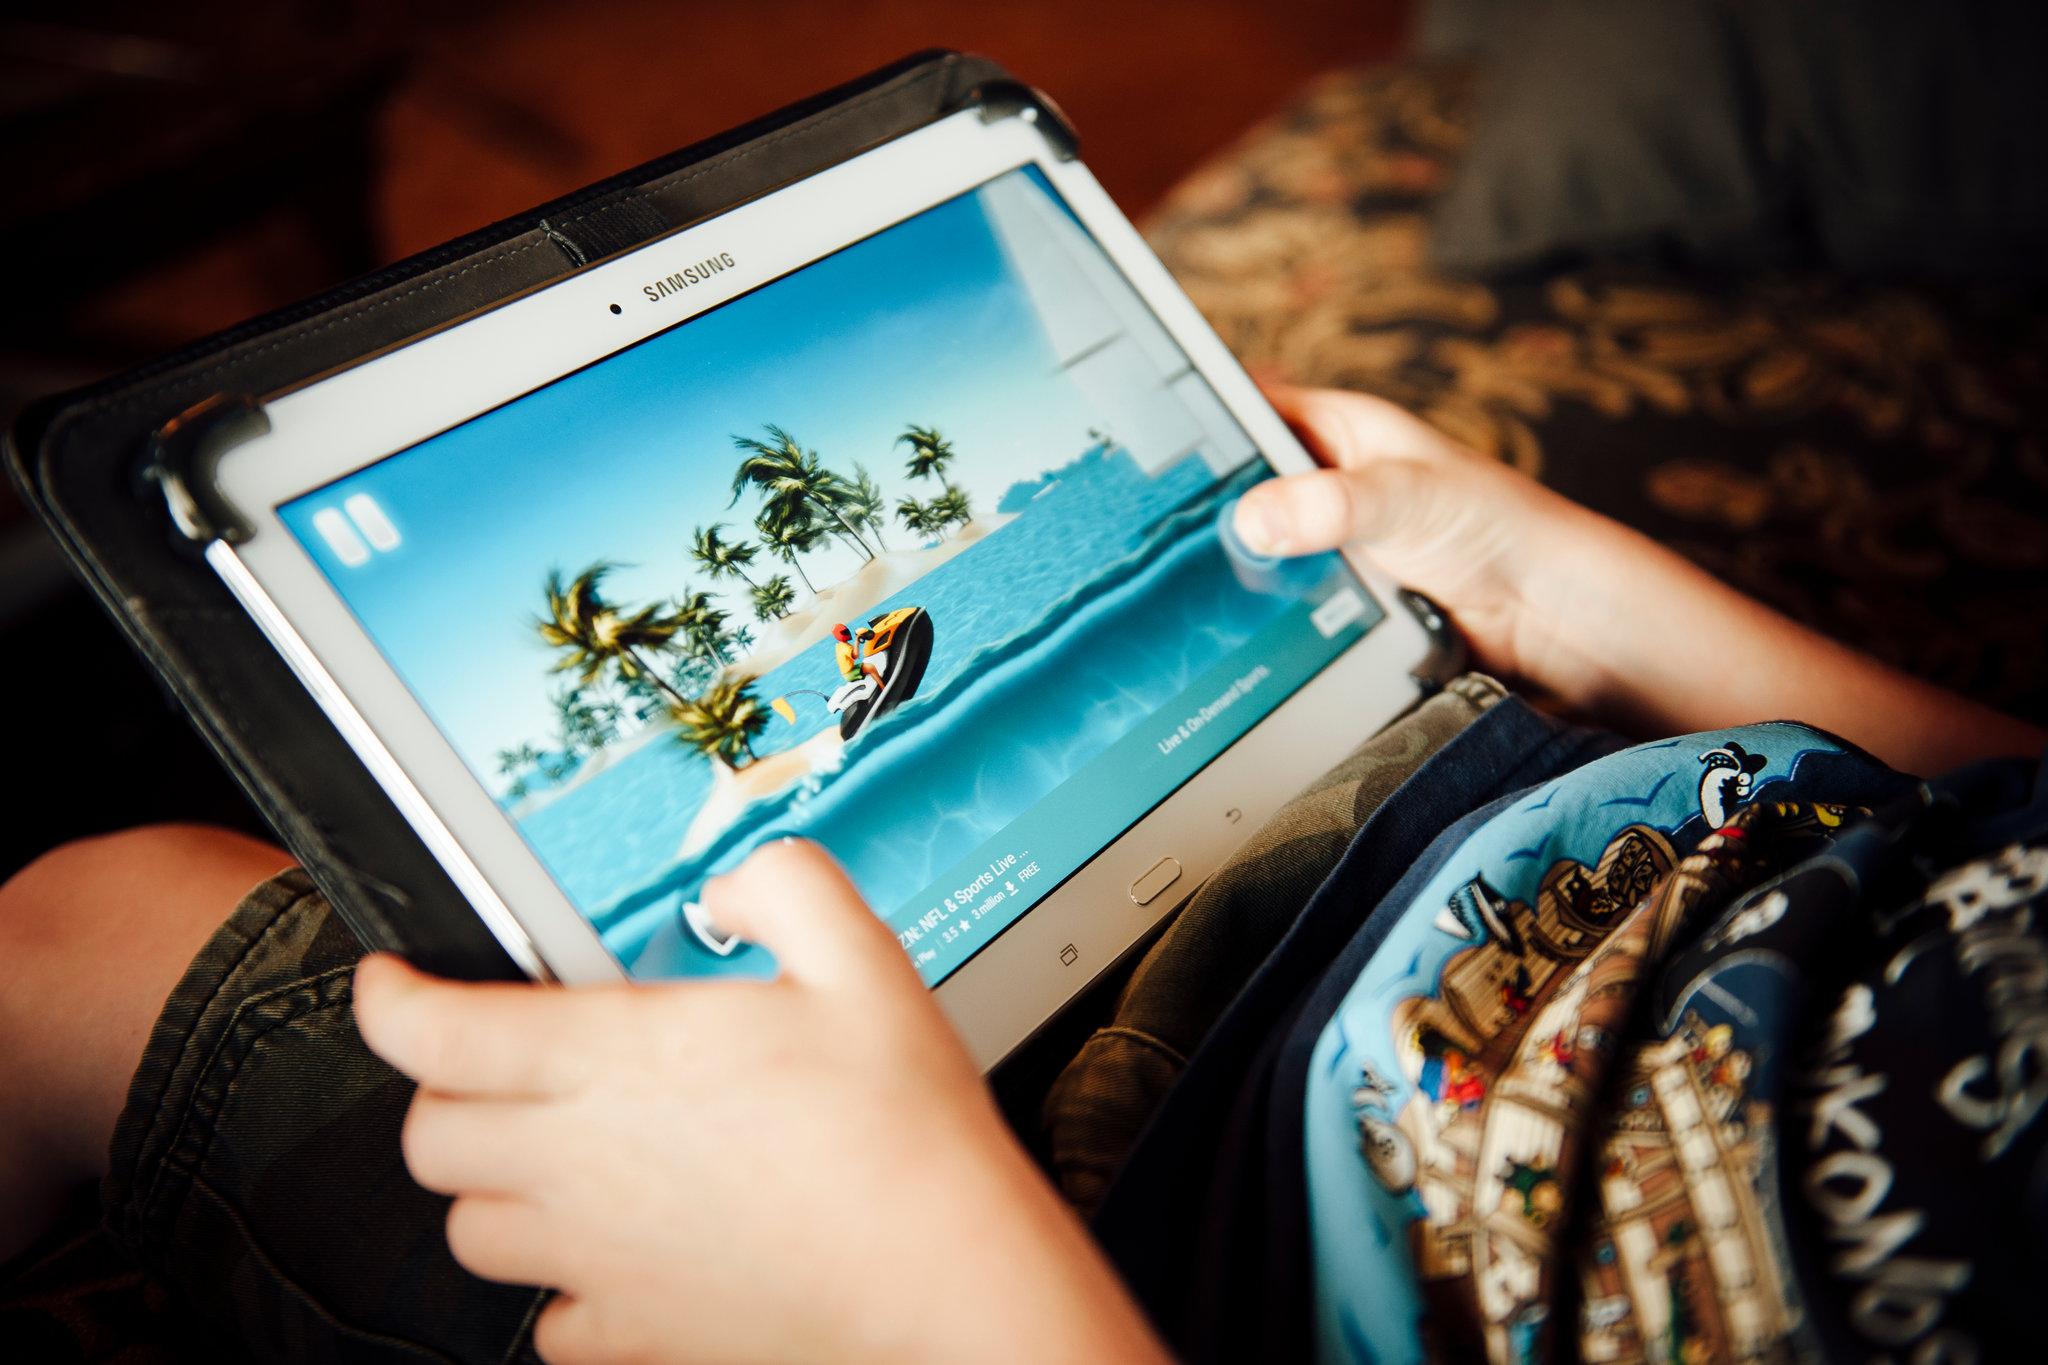 تطبيقات اللعب وخصوصية الطفل